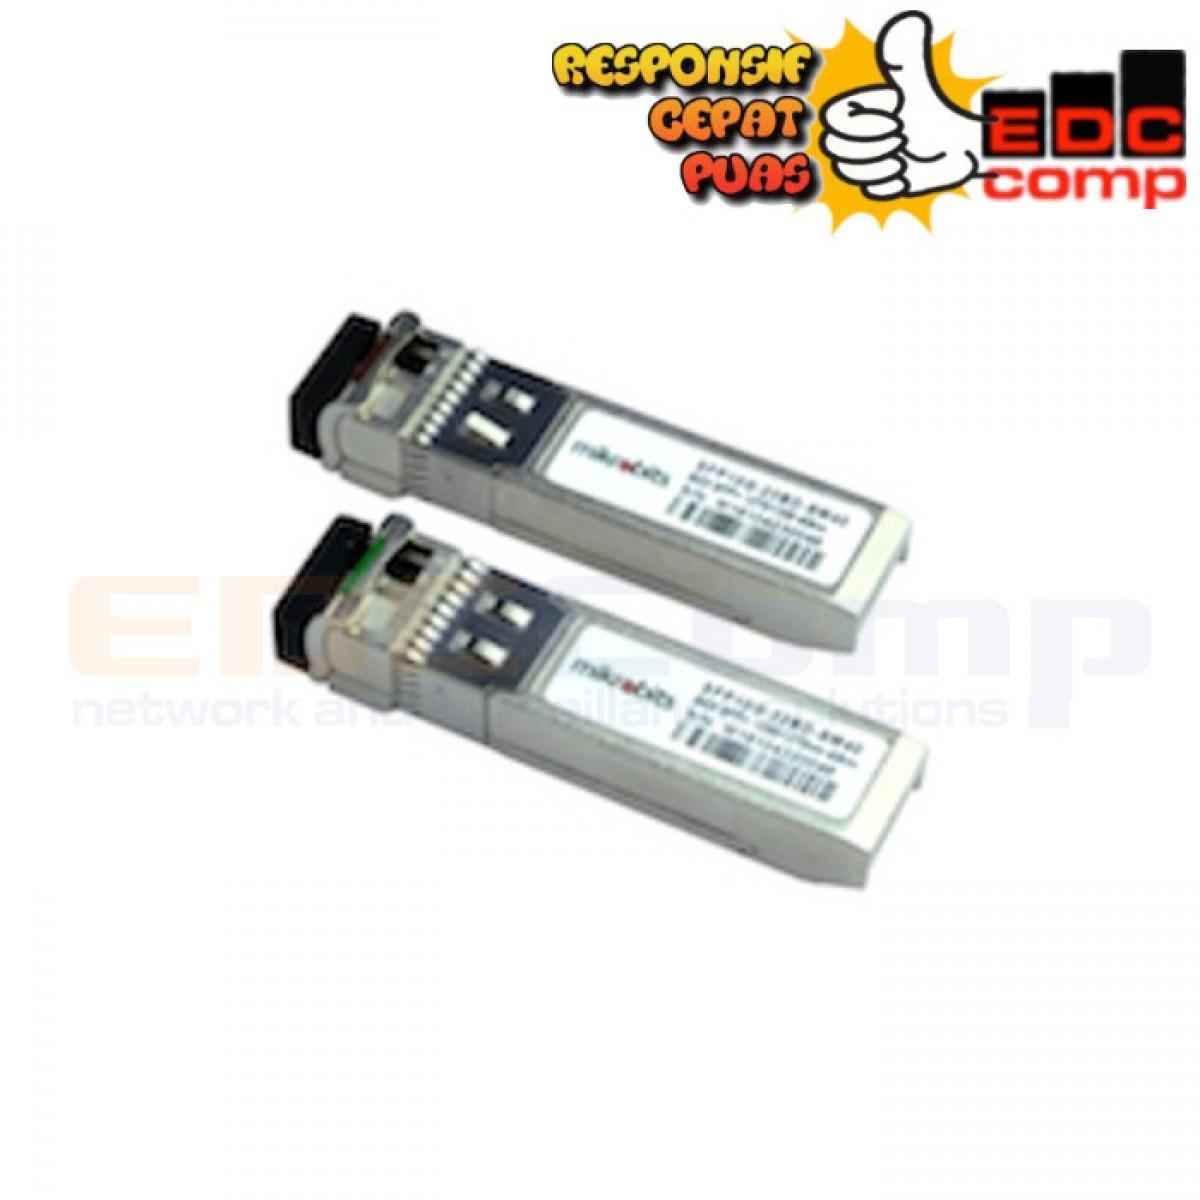 Mikrobits SFP Transceiver SFP-10G-BD-SM-20KM - EdcComp